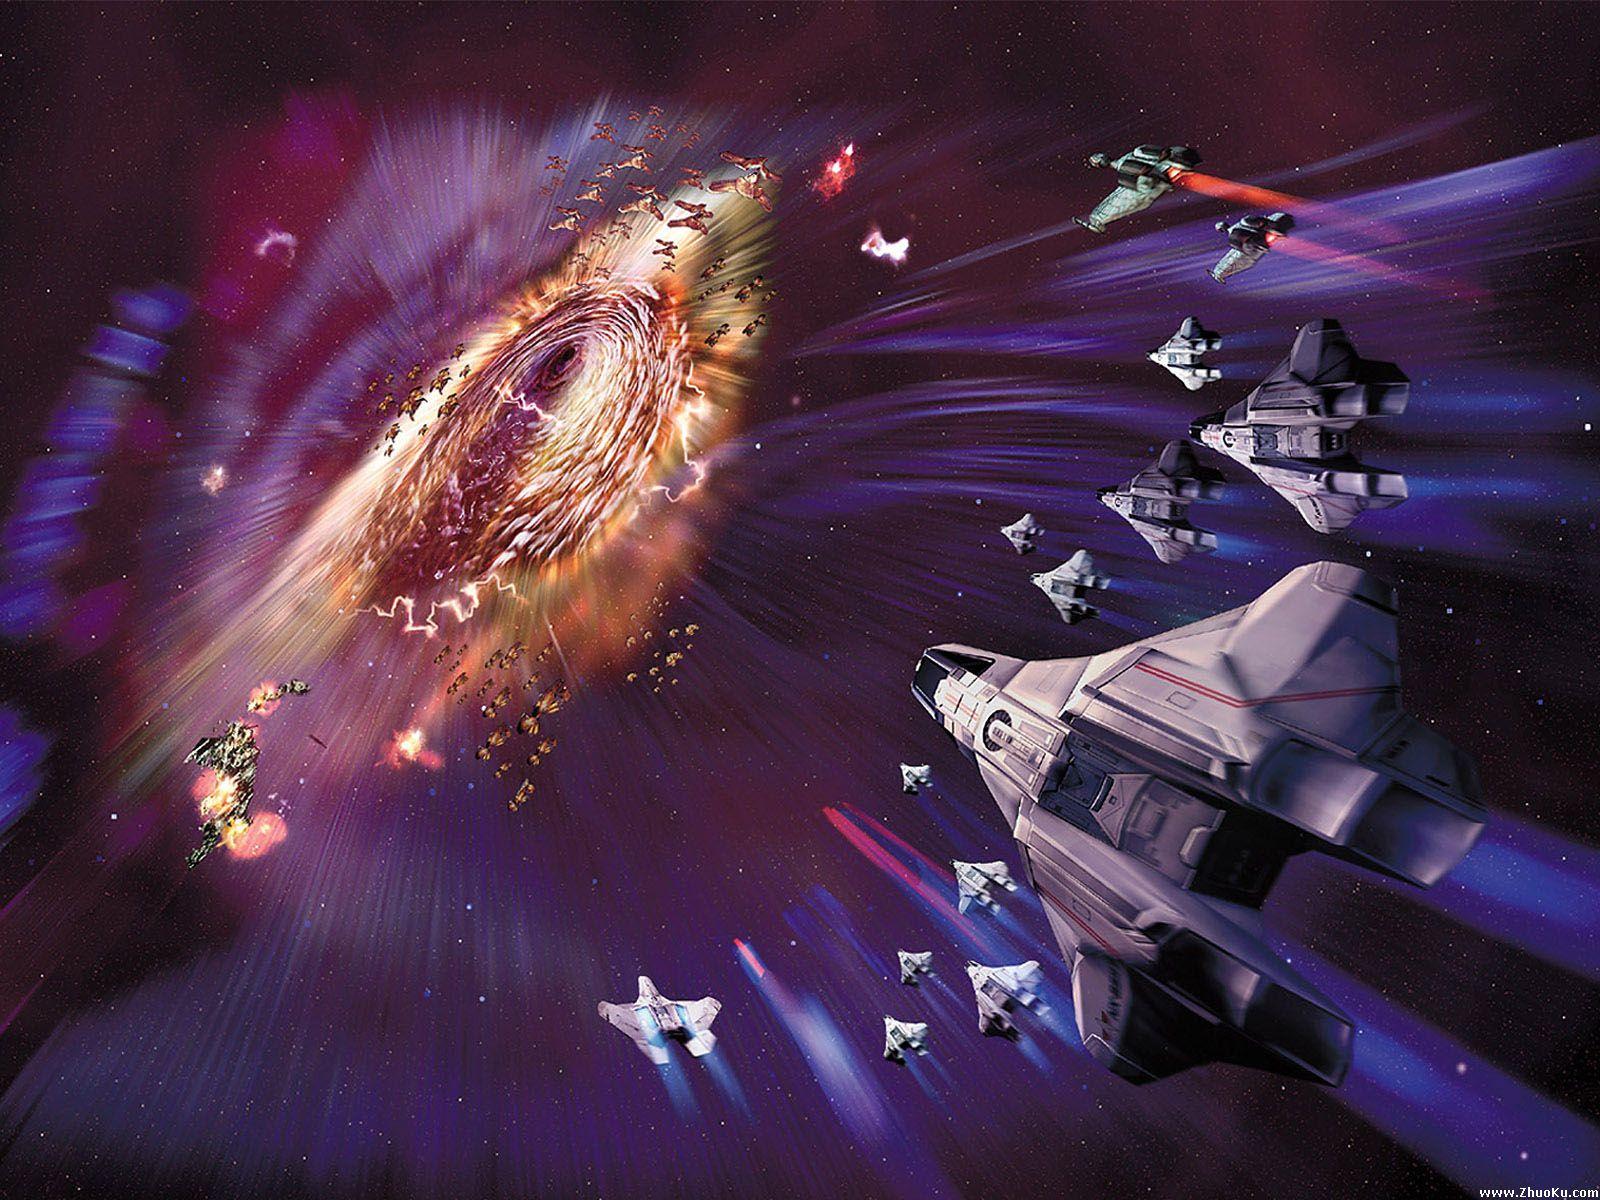 科幻射击游戏大作 星际迷航游戏壁纸